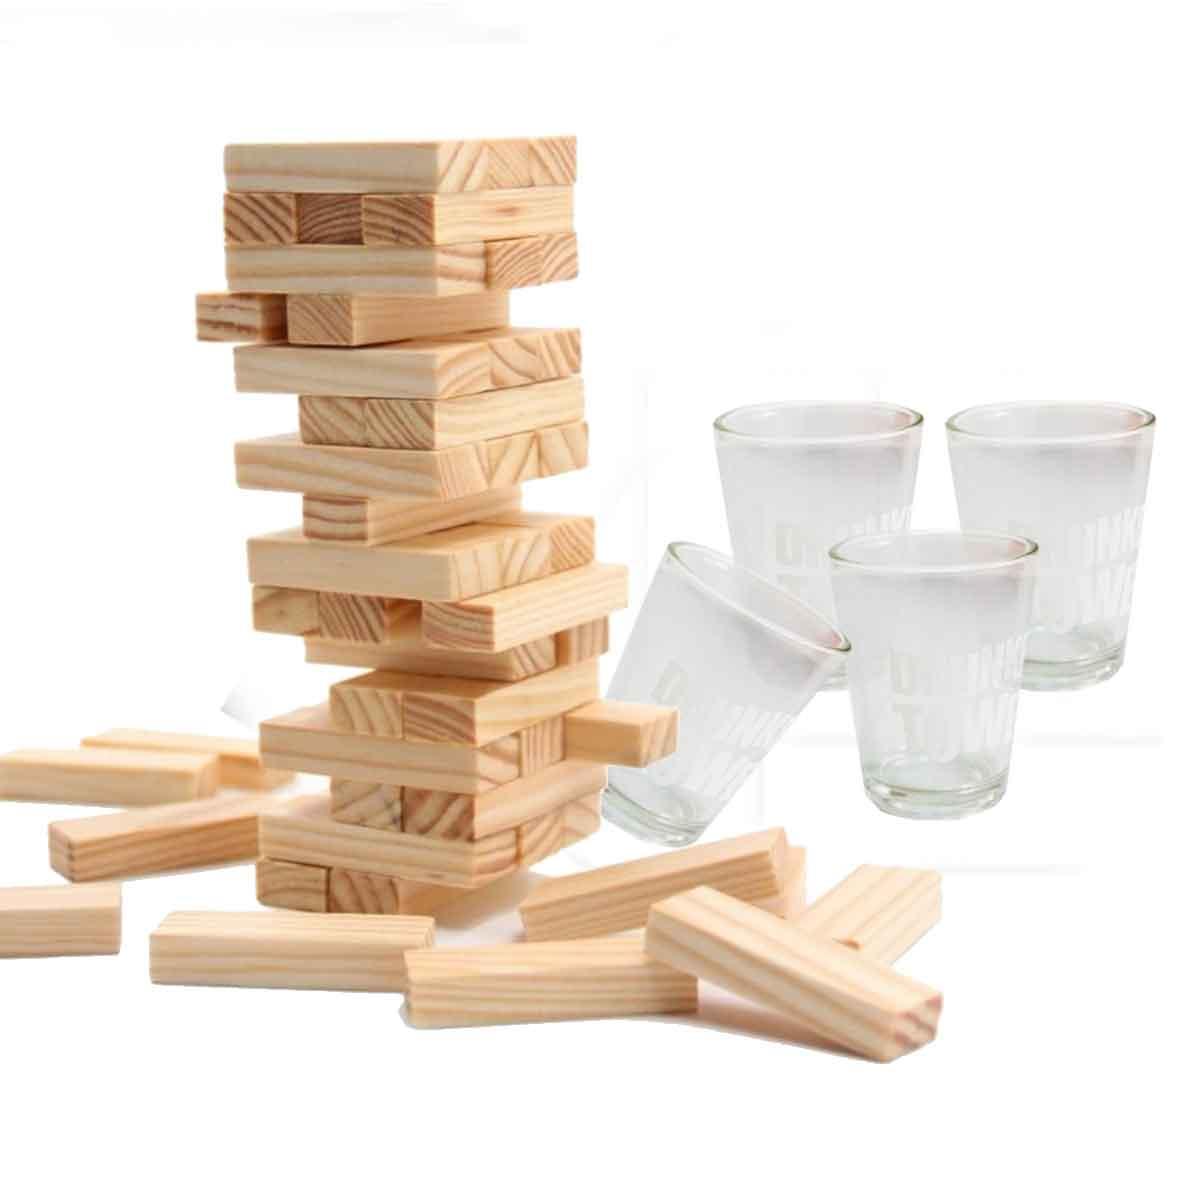 Jogo de Equilíbrio Torre Madeira Jenga + 4 copos Shot Drink